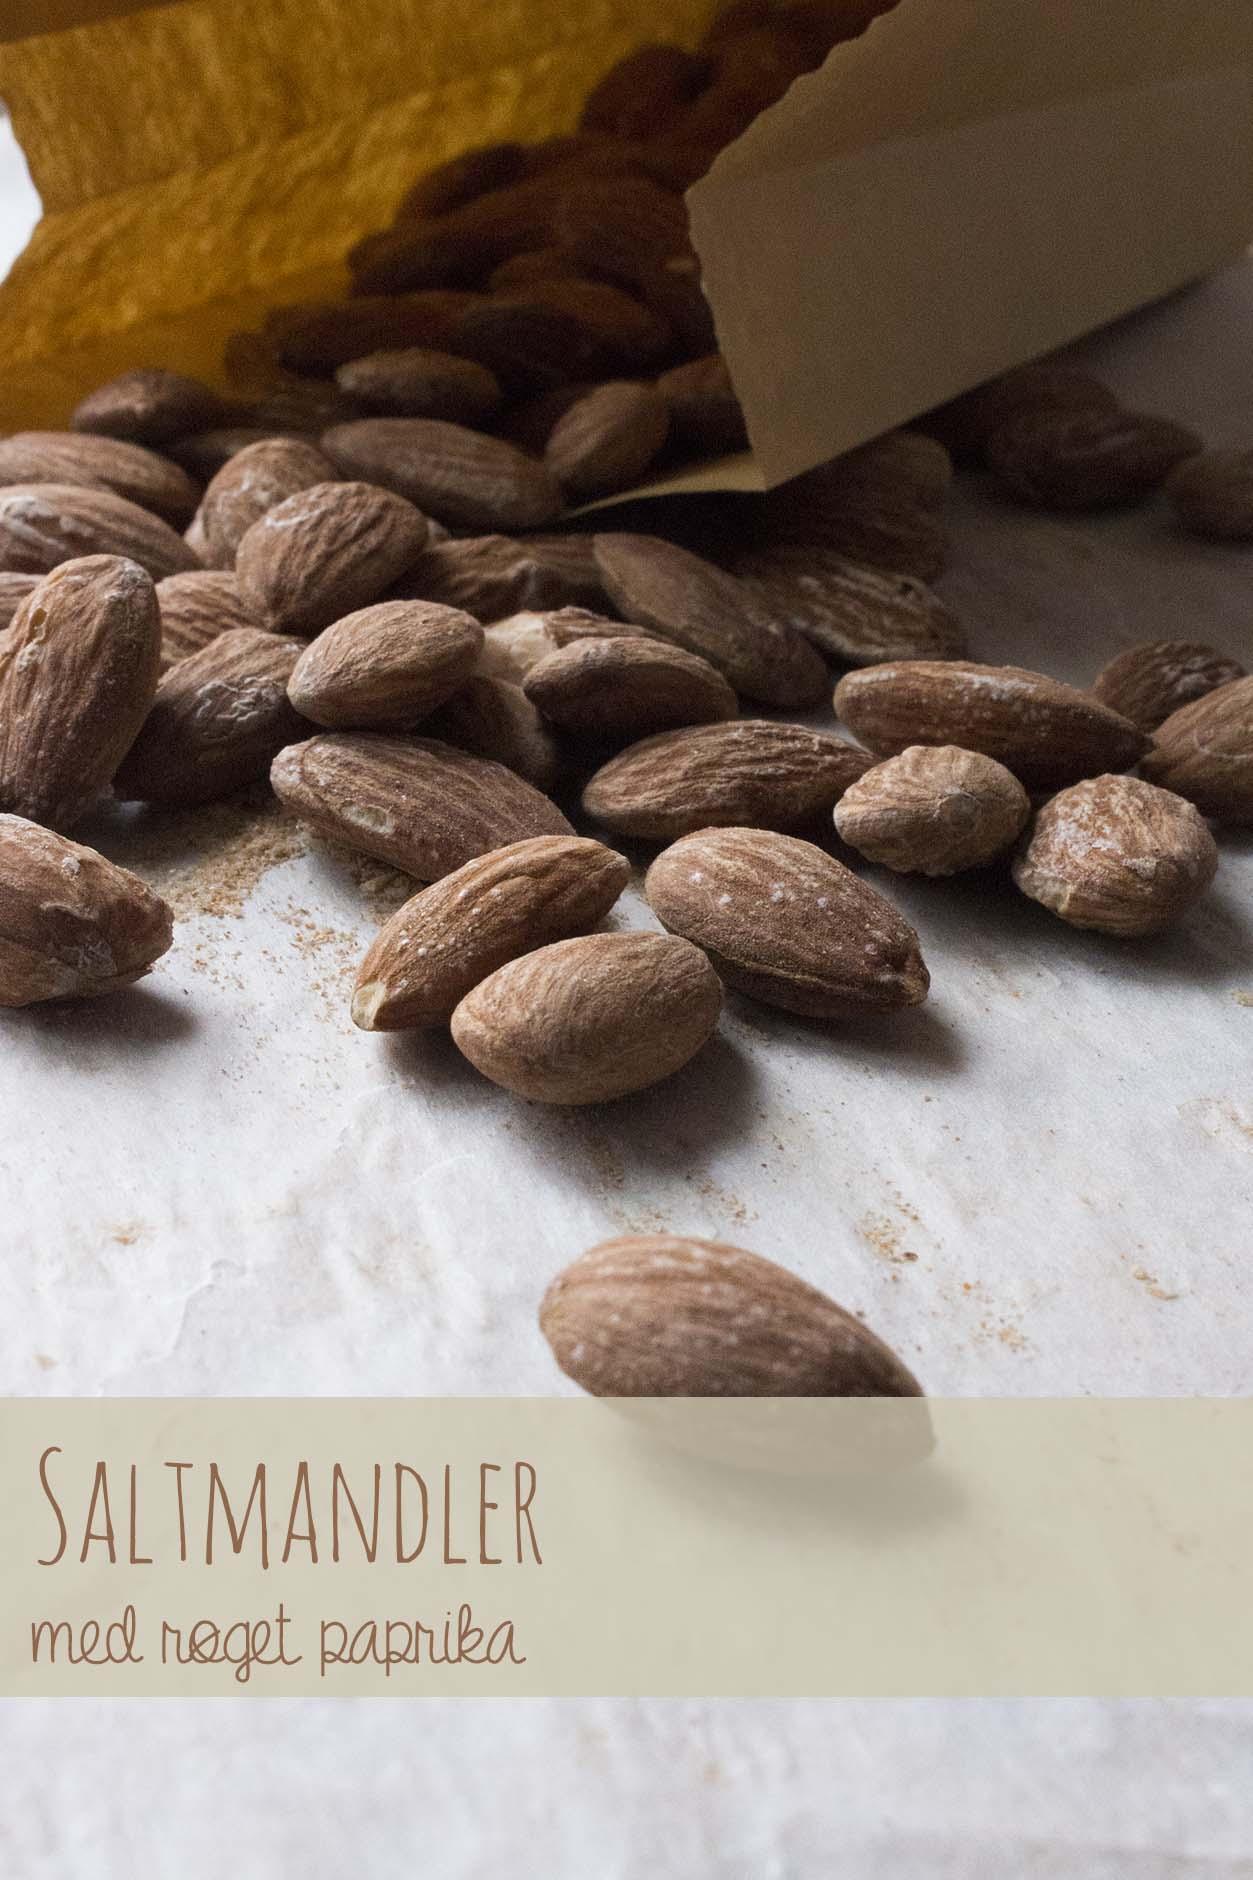 Saltmandler med røget paprika